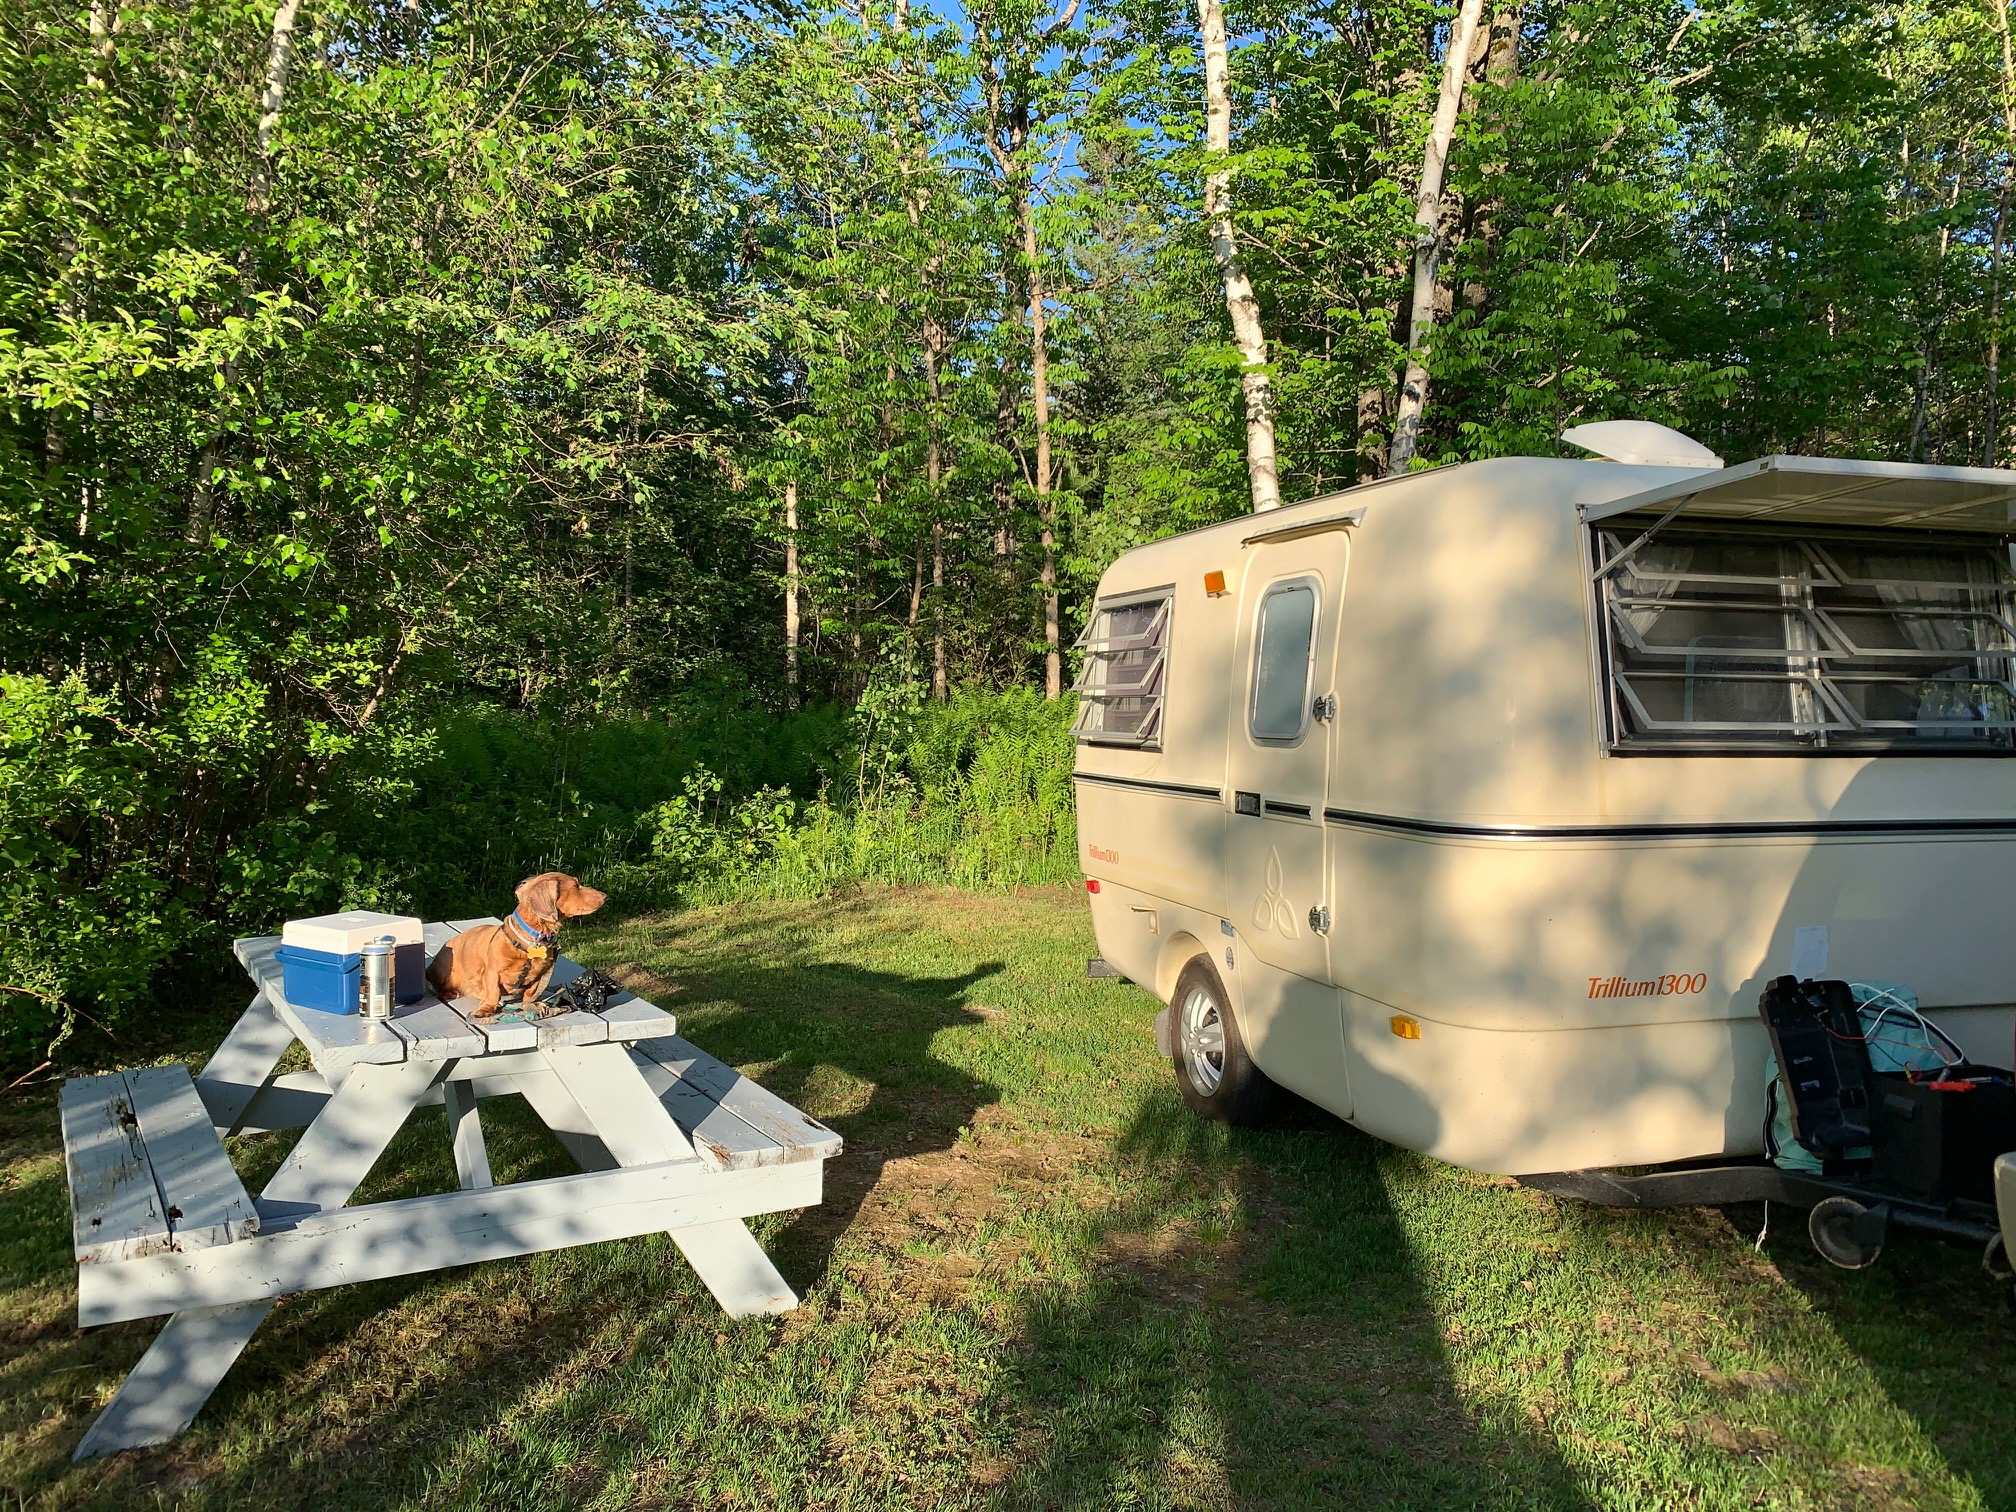 Marv enjoying the campsite in Summer. Vintage; Trillium Fiberglass 1300 1980